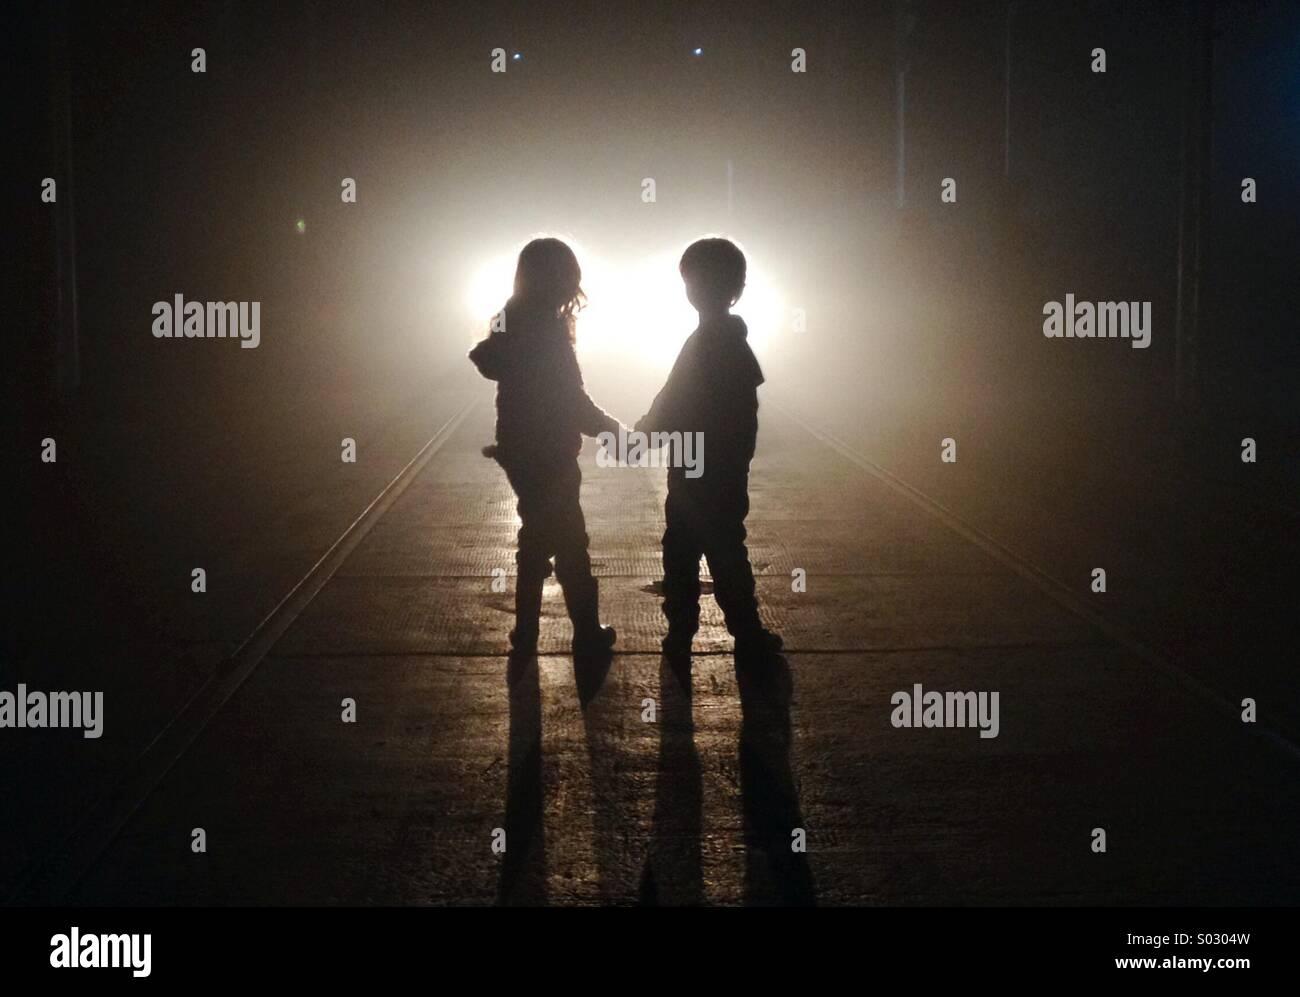 Un ragazzo e una ragazza tenere mani, stagliano contro una luce brillante. Immagini Stock